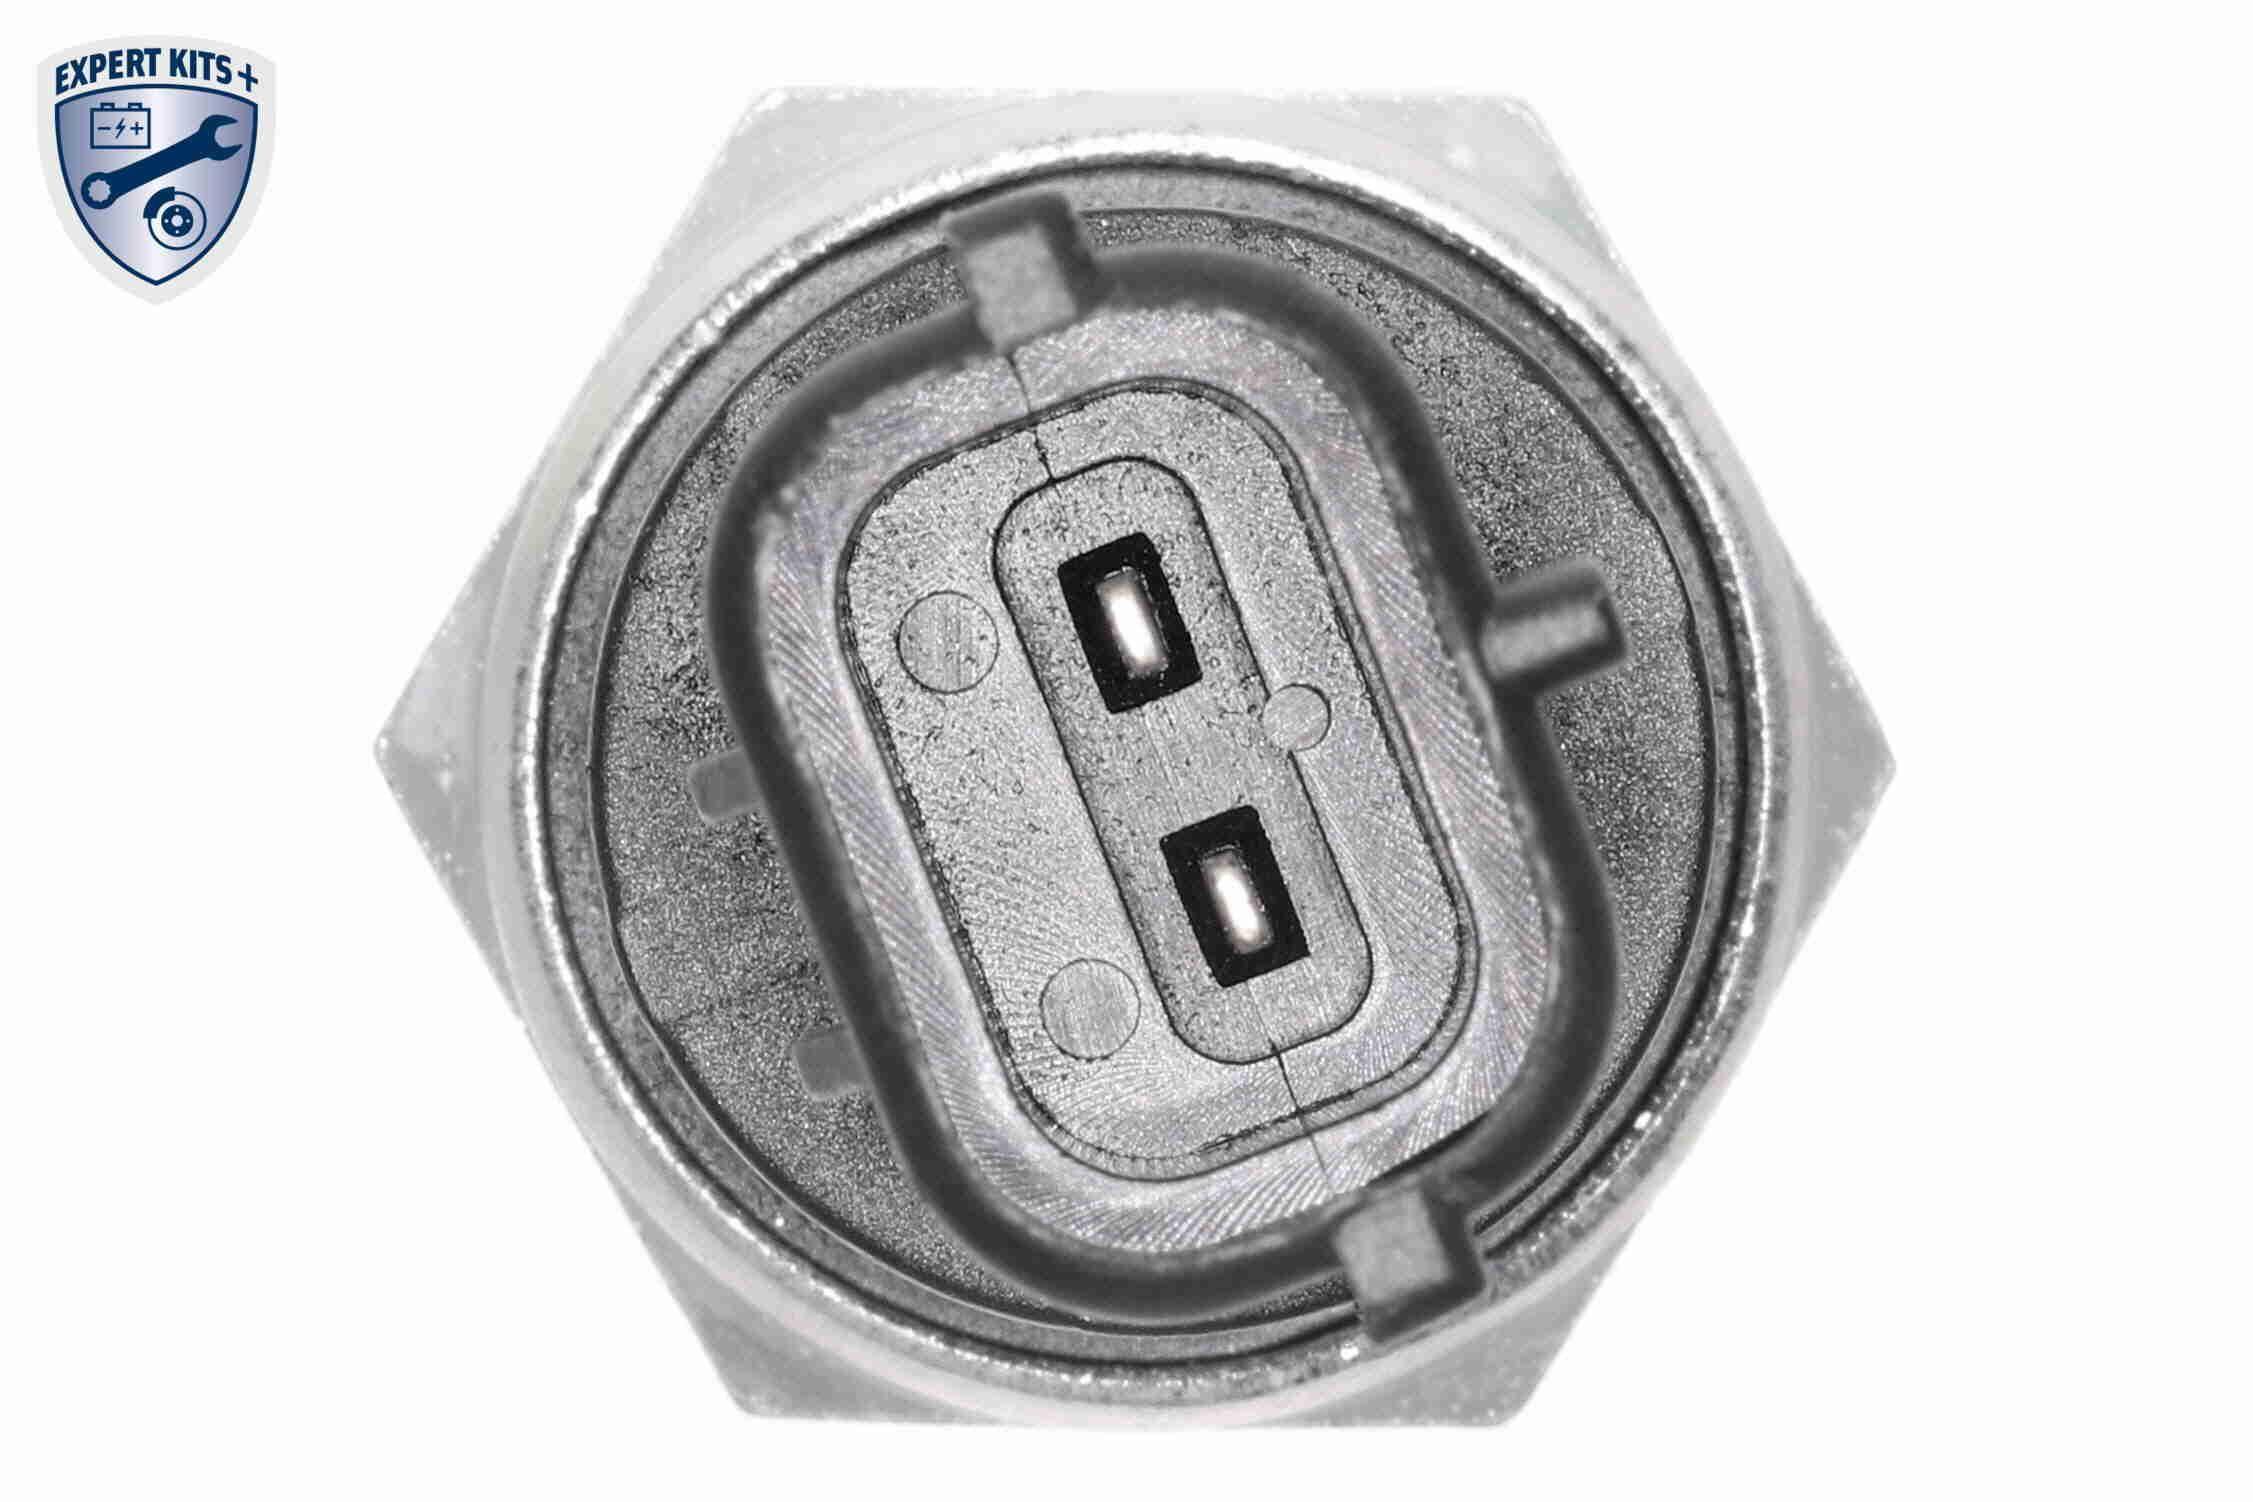 Switch, reverse light VEMO V40-73-0050 rating